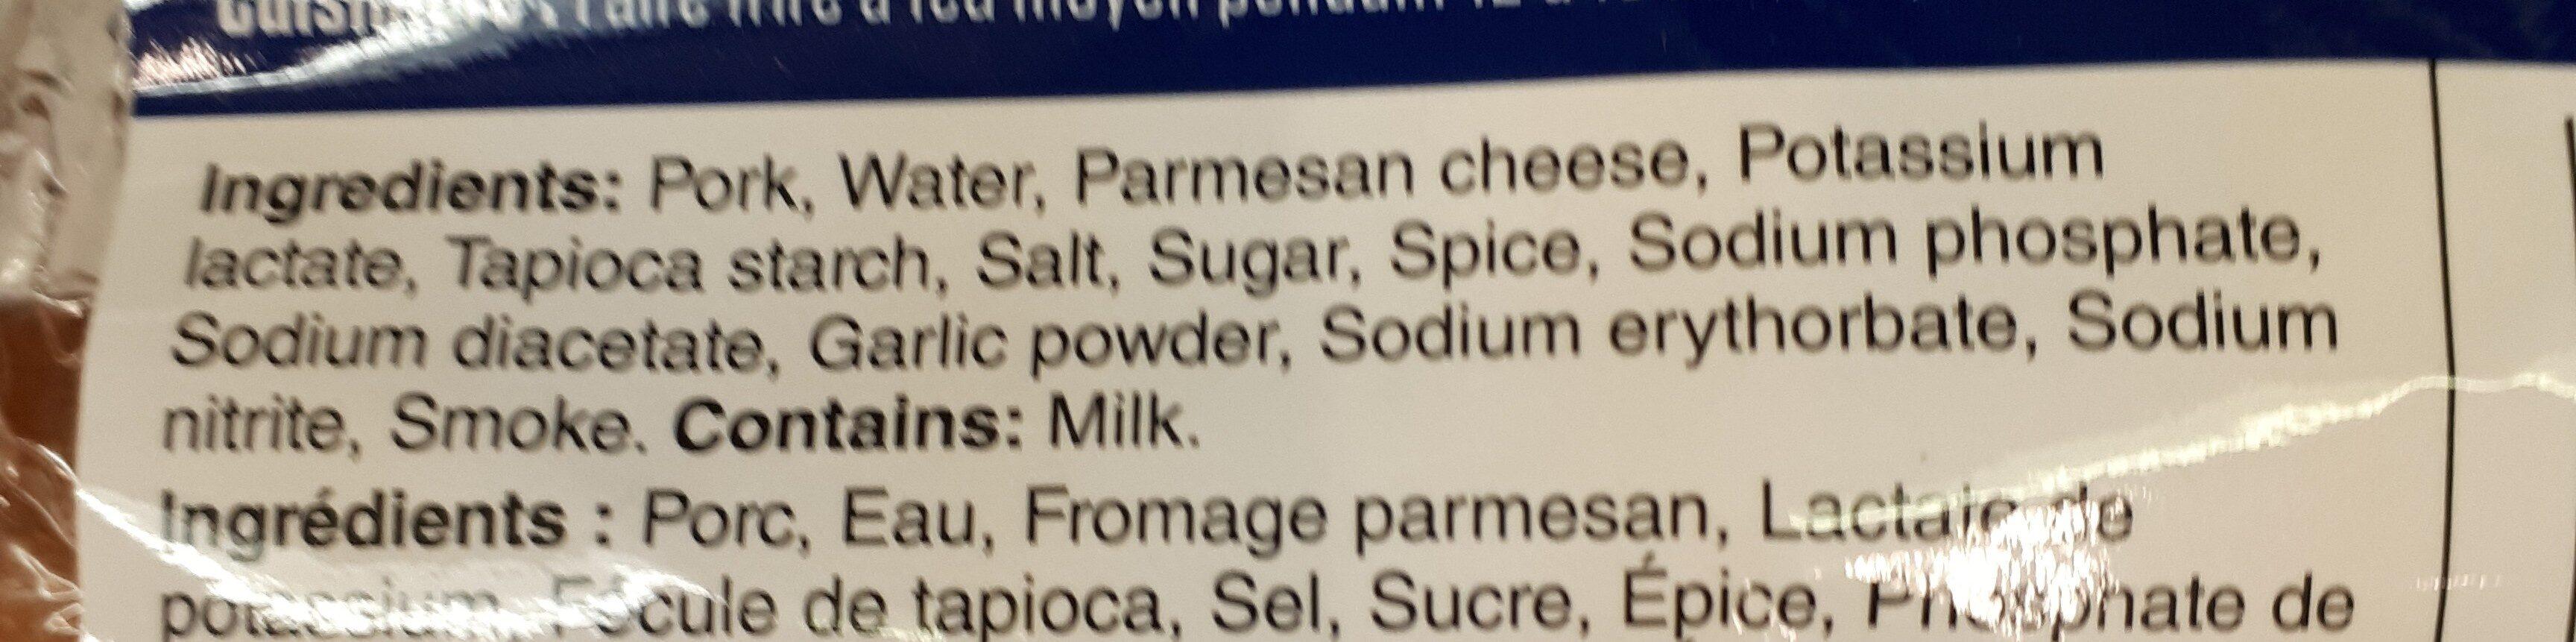 schneiders italian parmesan smokies - Ingredients - en